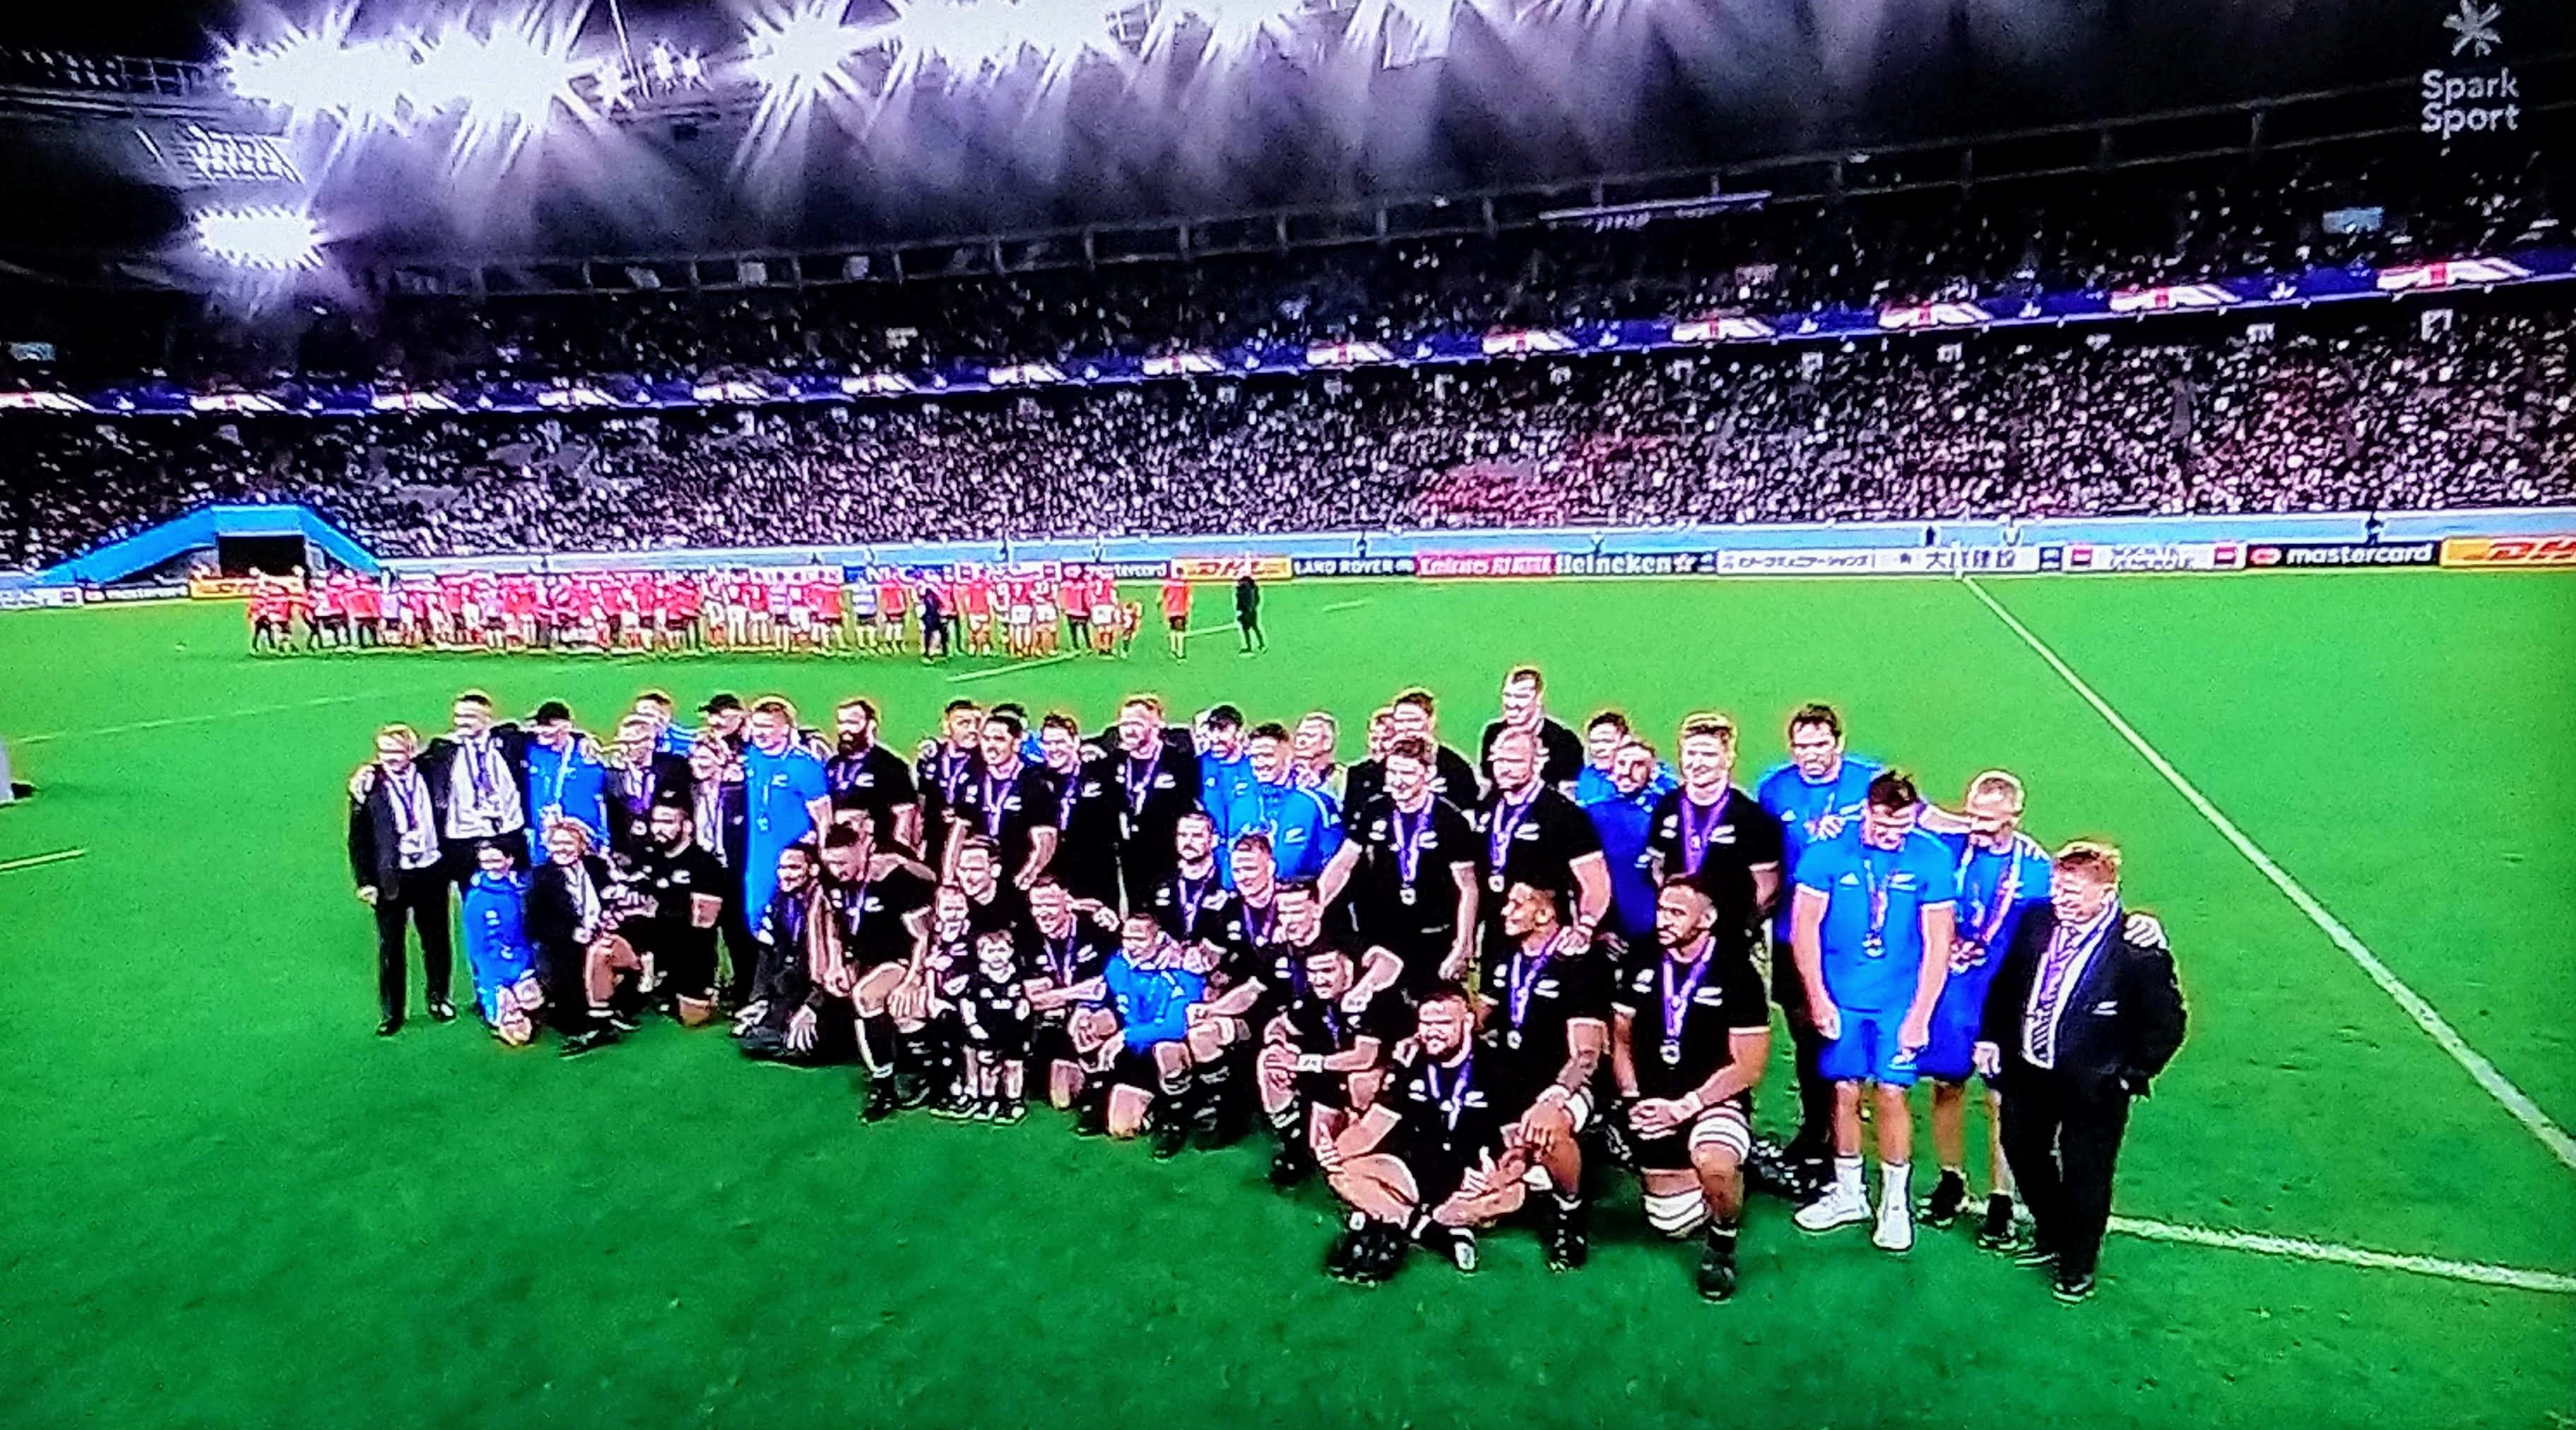 rugby20196.jpg